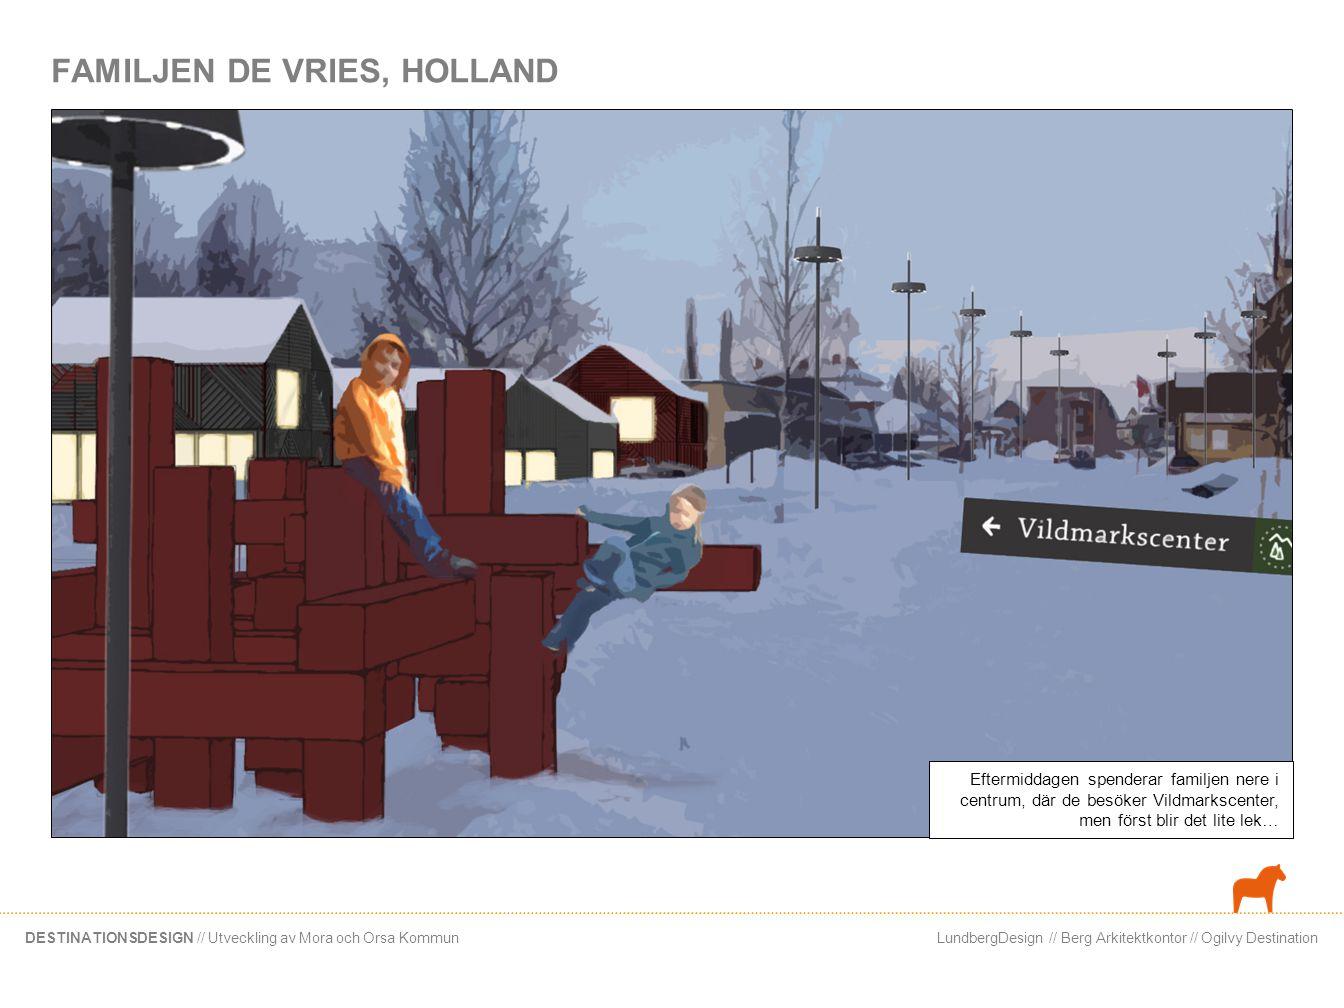 FAMILJEN DE VRIES, HOLLAND